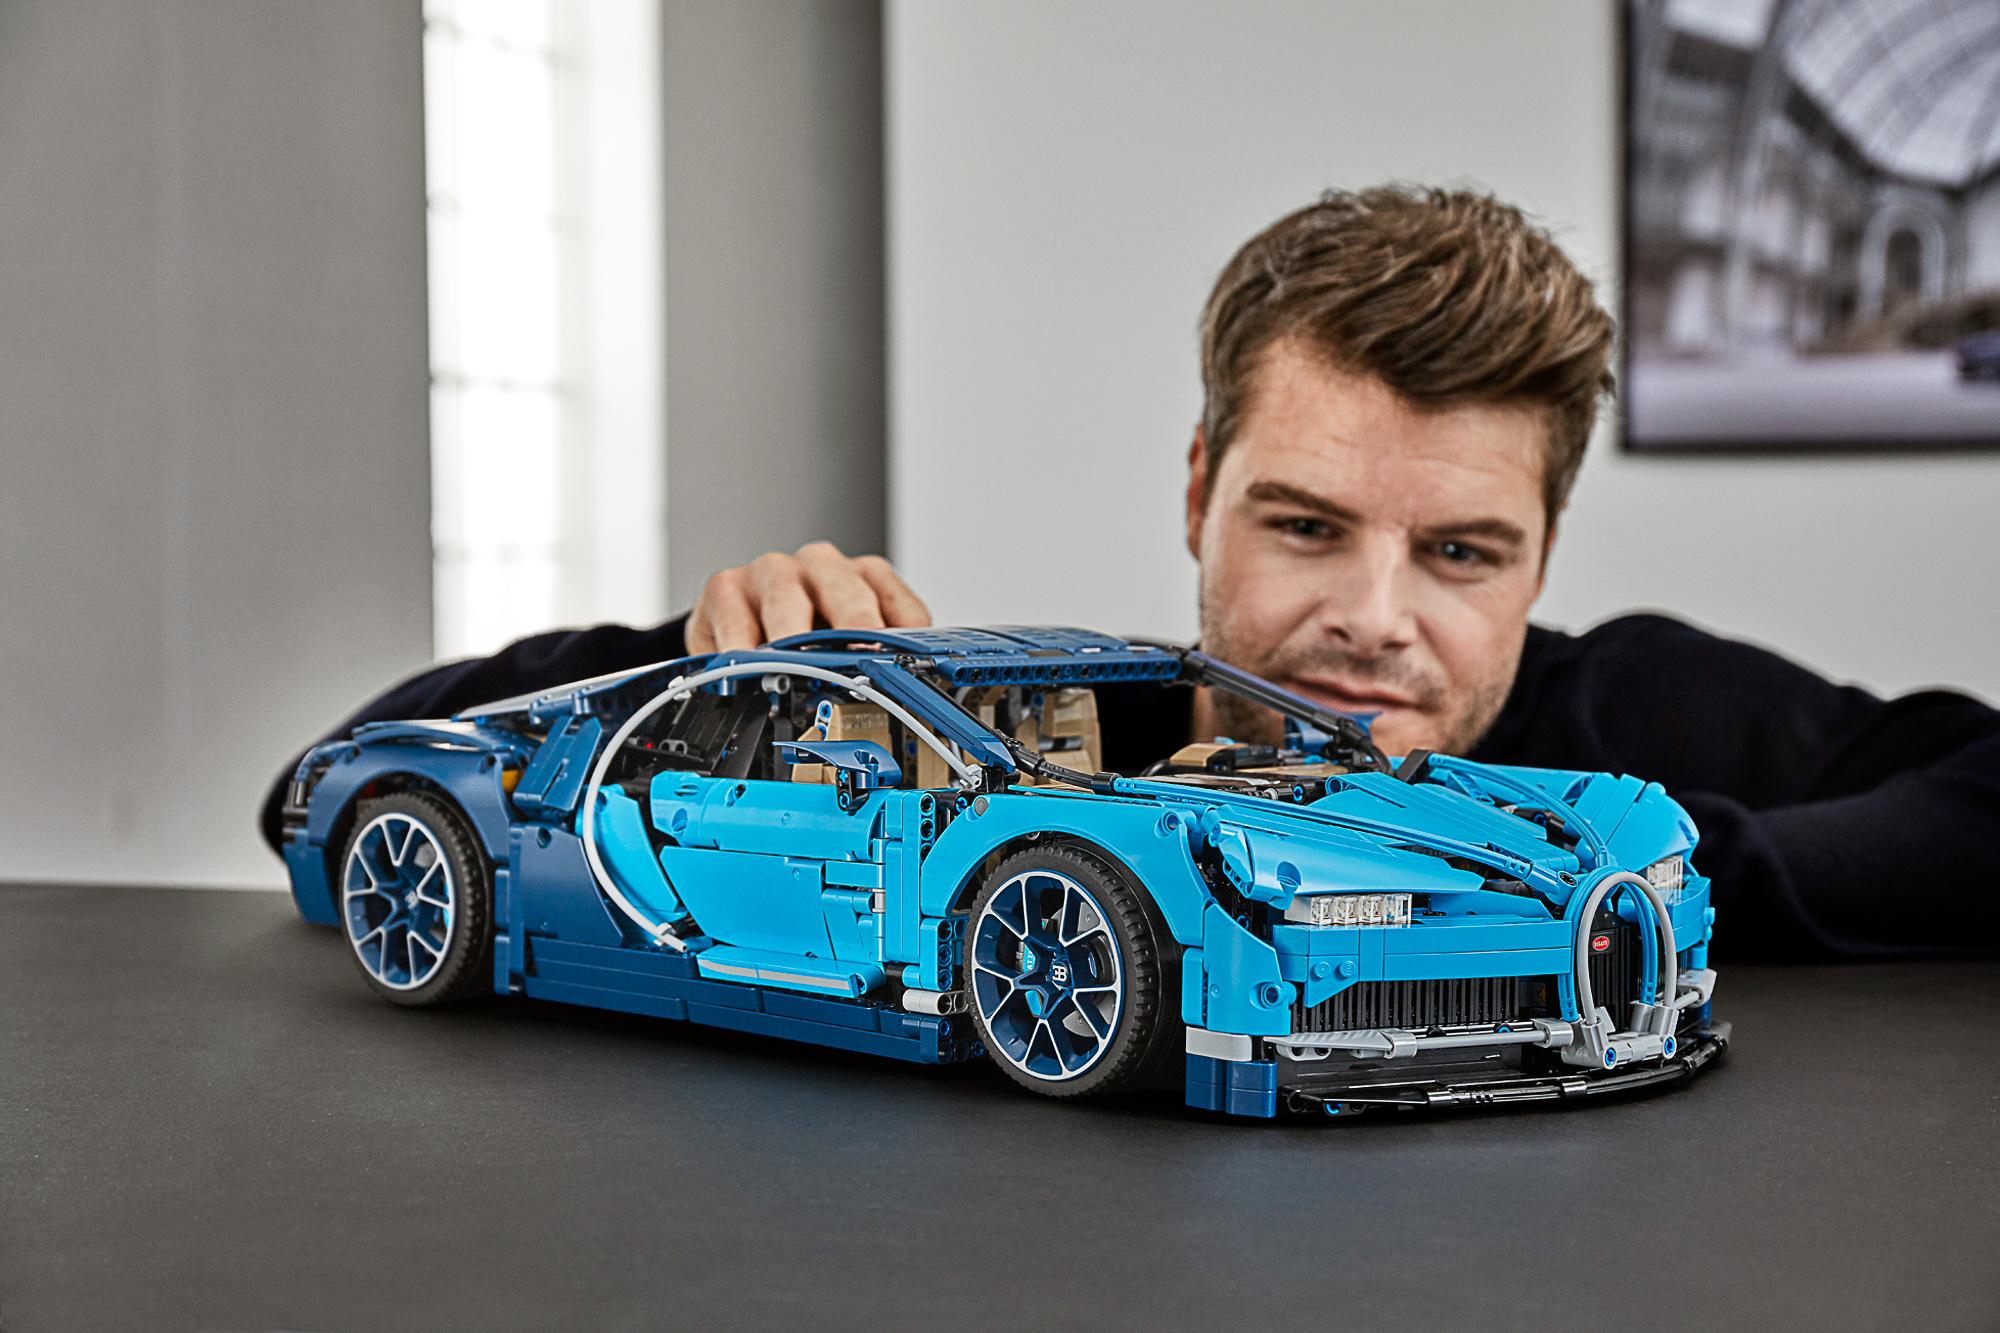 42083 lego technic bugatti chiron-30 | the brothers brick | the